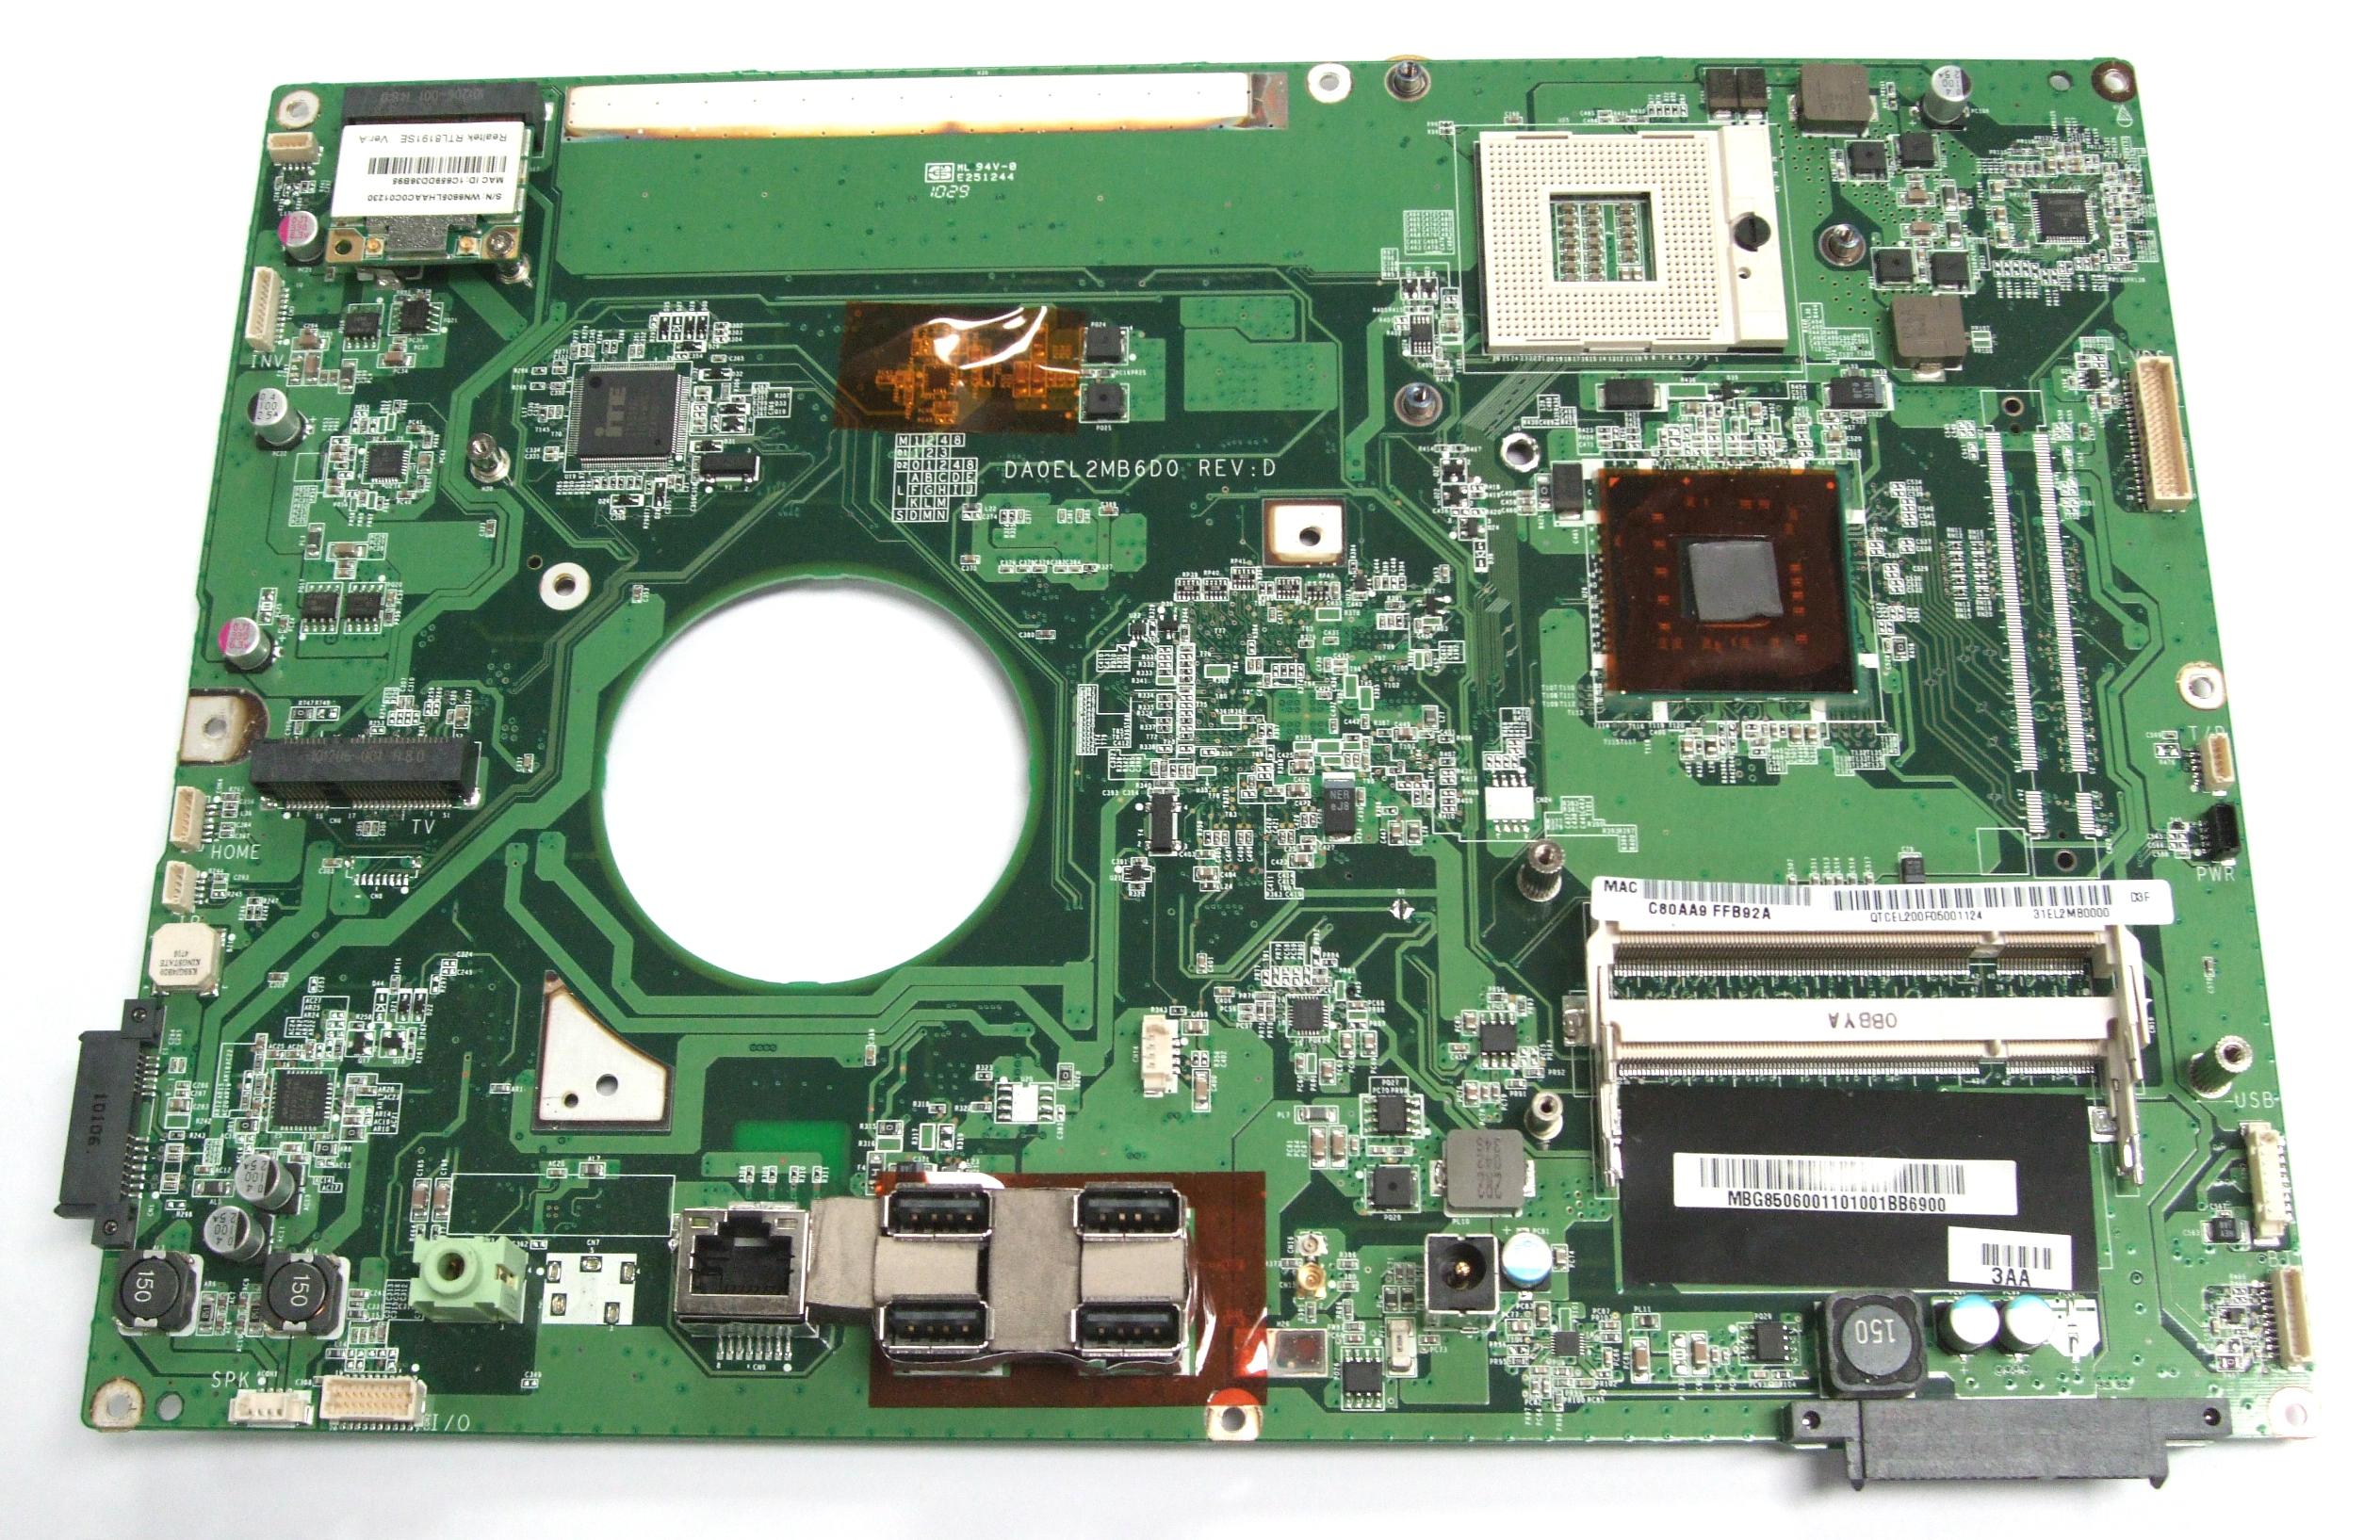 MB.G8506.001 Acer All In One PC Motherboard DA0EL2MB6D0 Rev.D